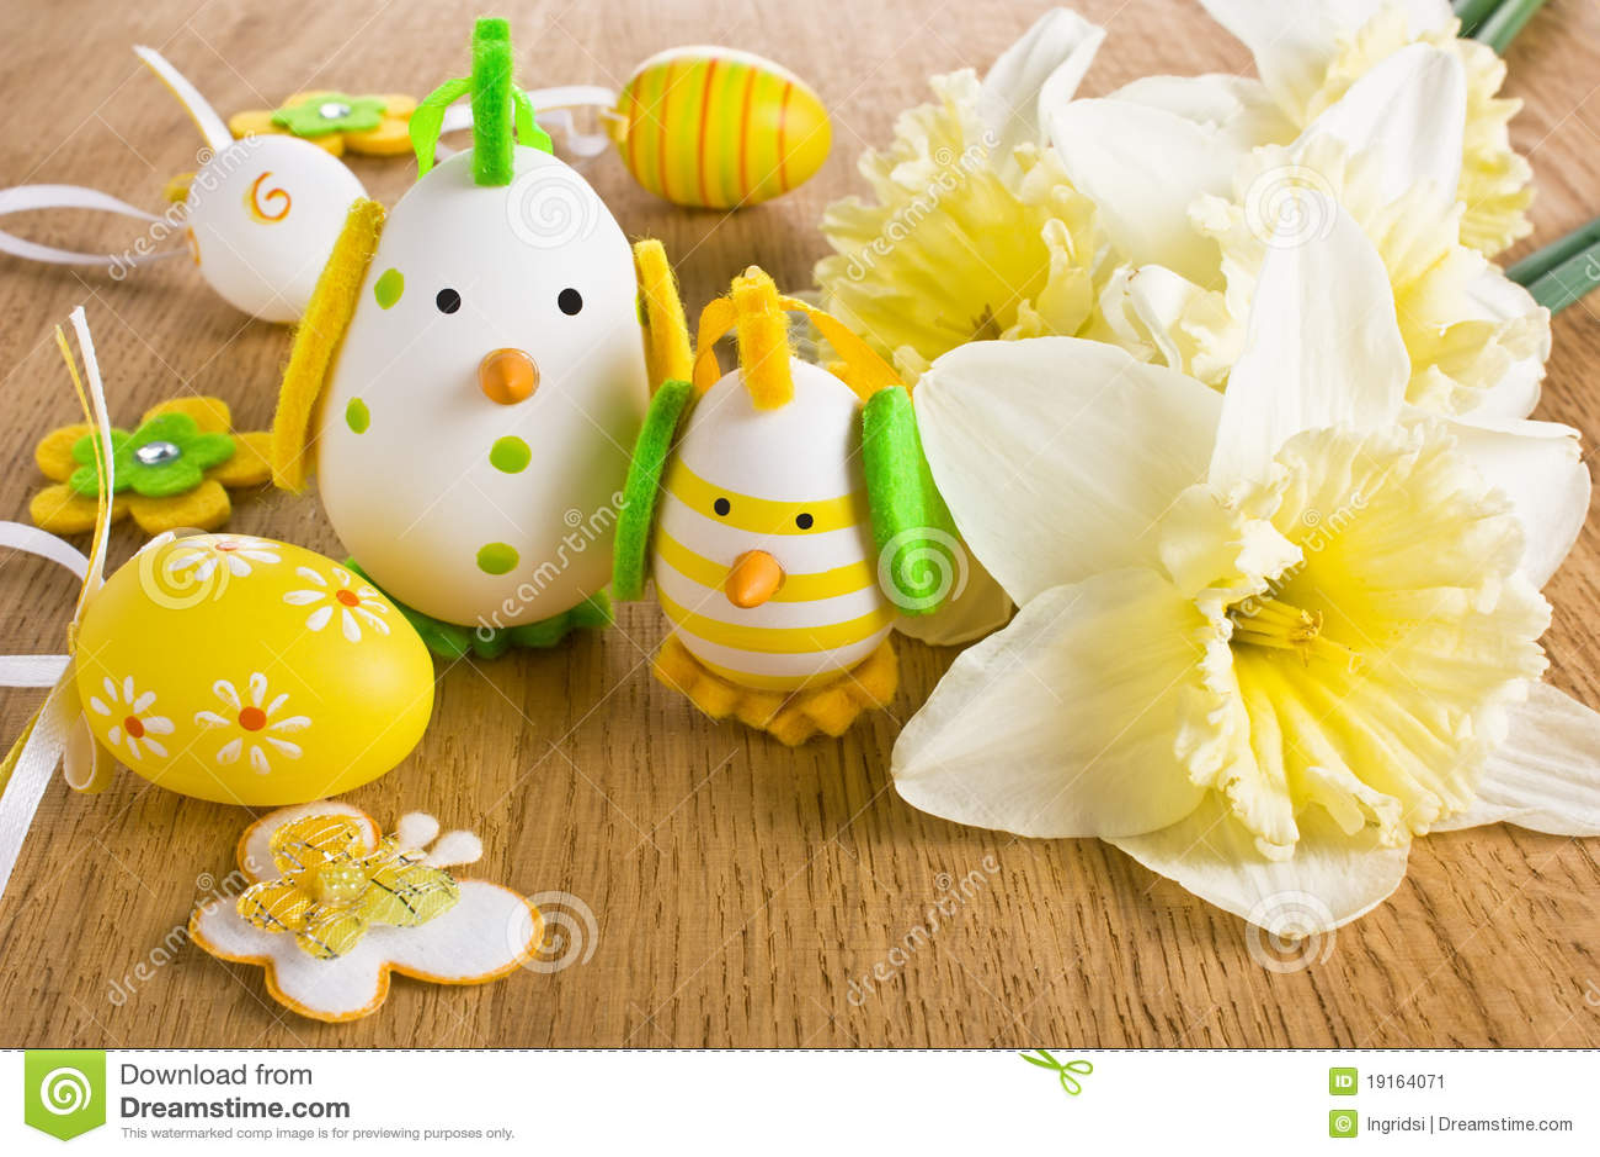 Ostern dekoration stockbild bild von geschenk dekoration for Dekoration ostern